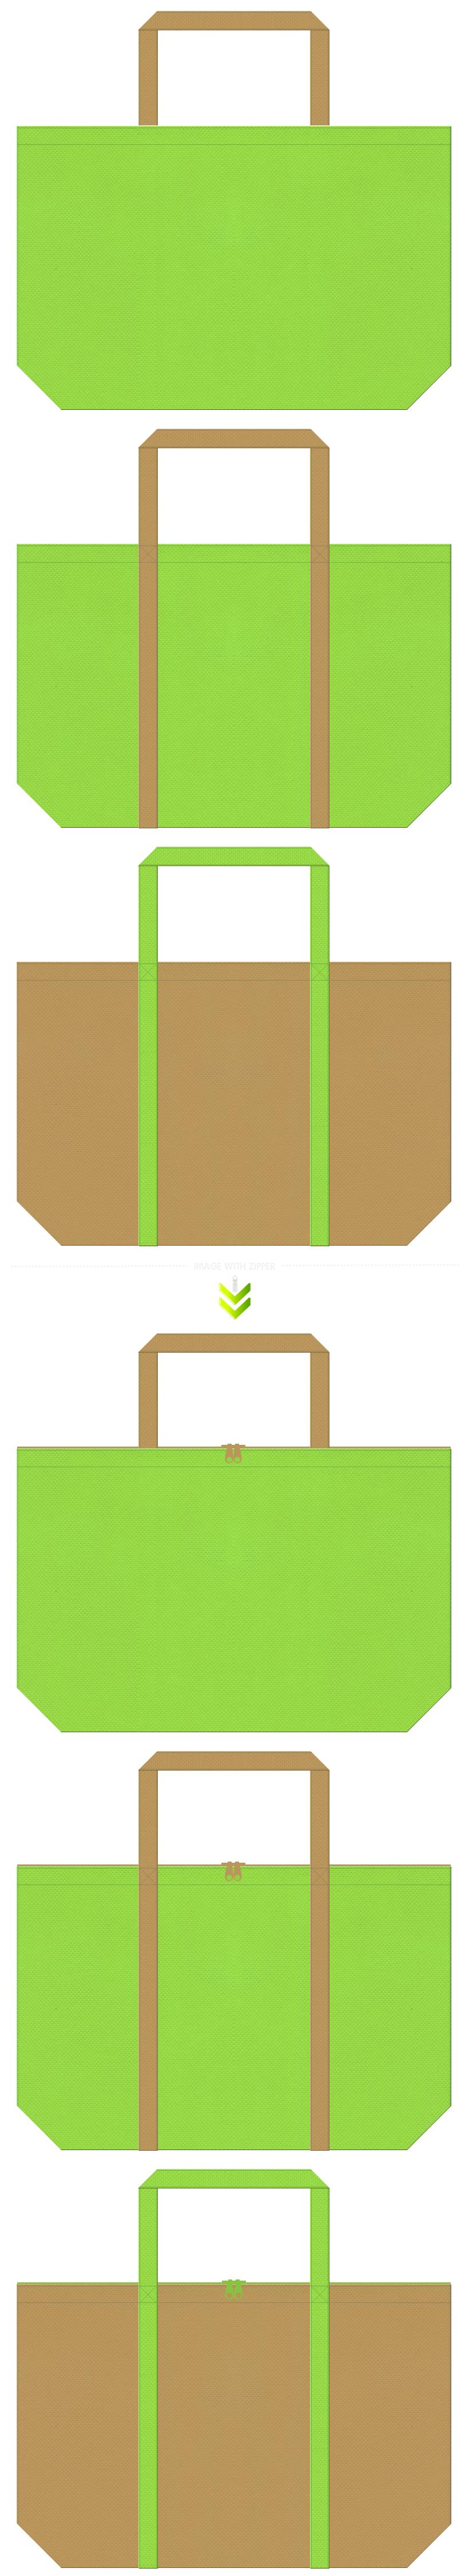 絵本・産直市場・園芸用品・DIY・酪農・干草・牧場・農業・肥料・種苗・キウイフルーツのショッピングバッグにお奨めの不織布バッグデザイン:黄緑色と金黄土色のコーデ